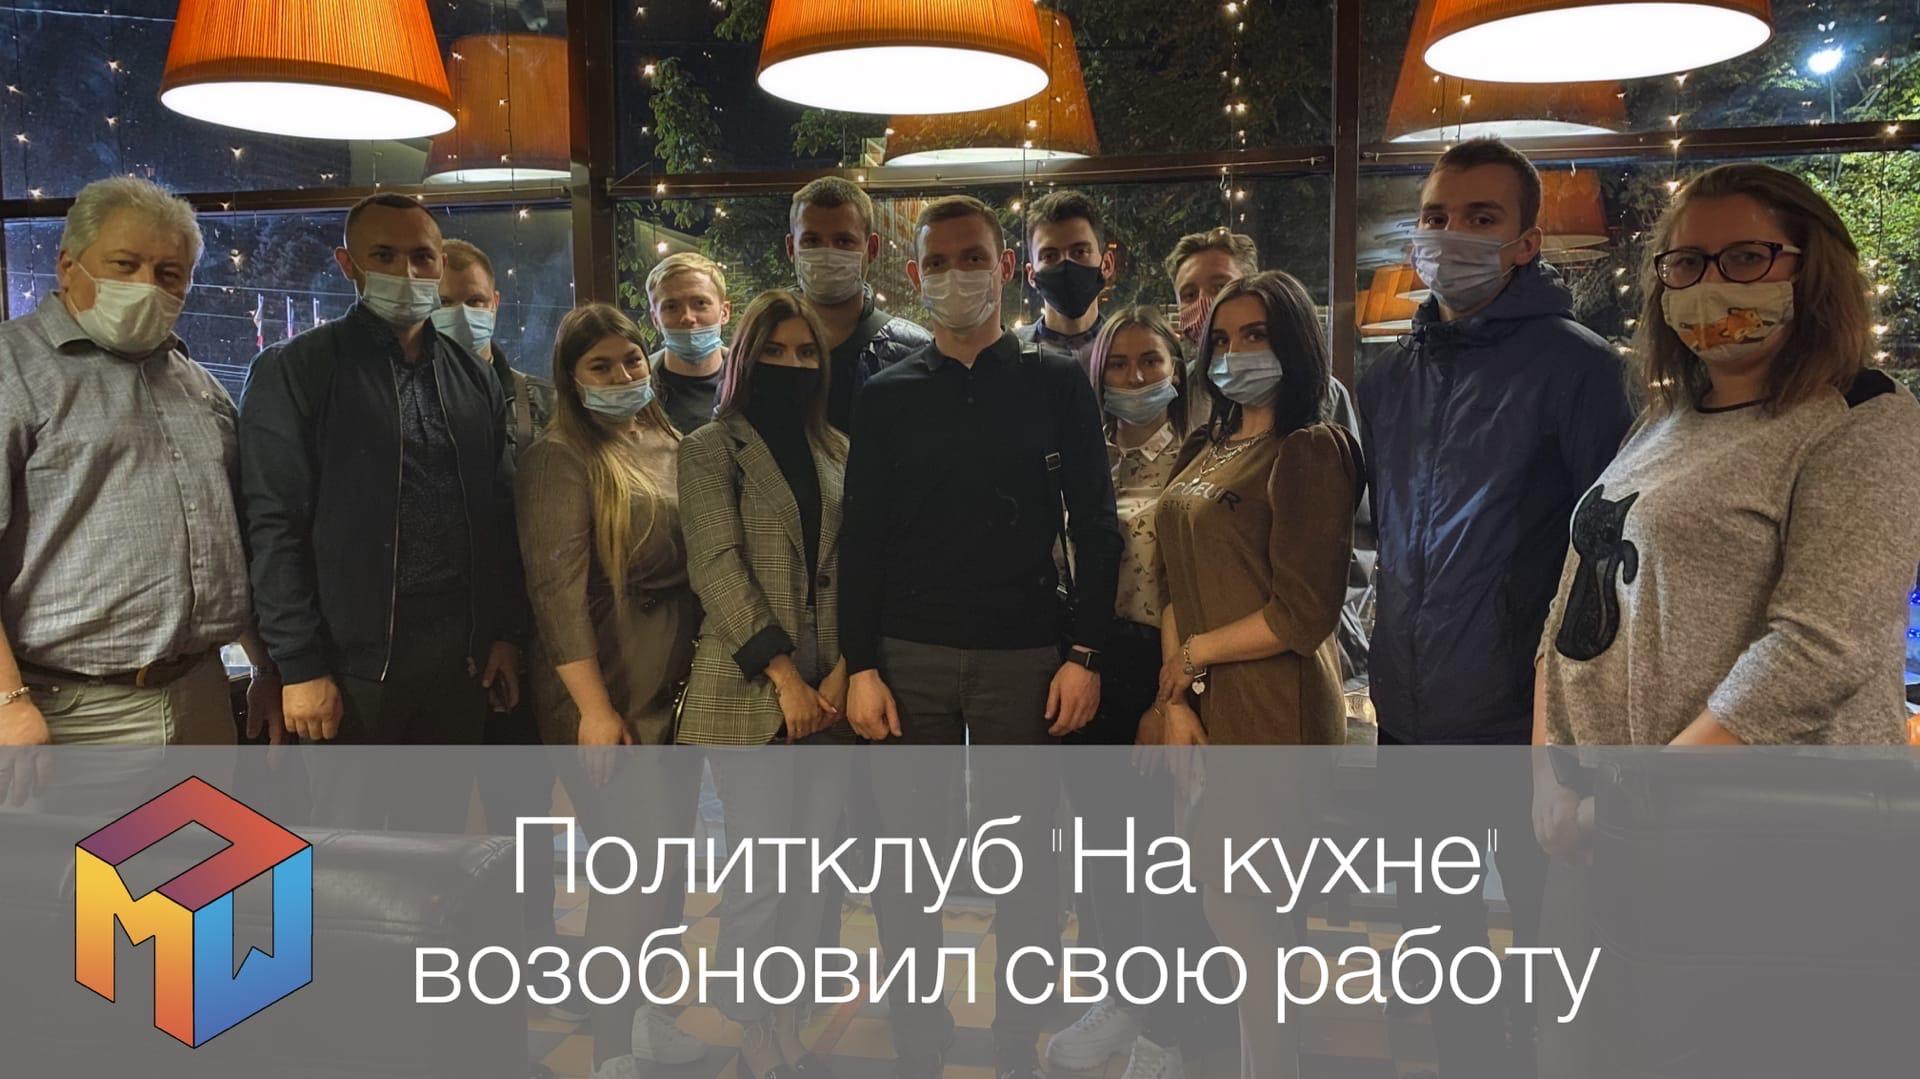 Сегодня в кофейне «Питькофе» состоялась встреча политклуба «На кухне»